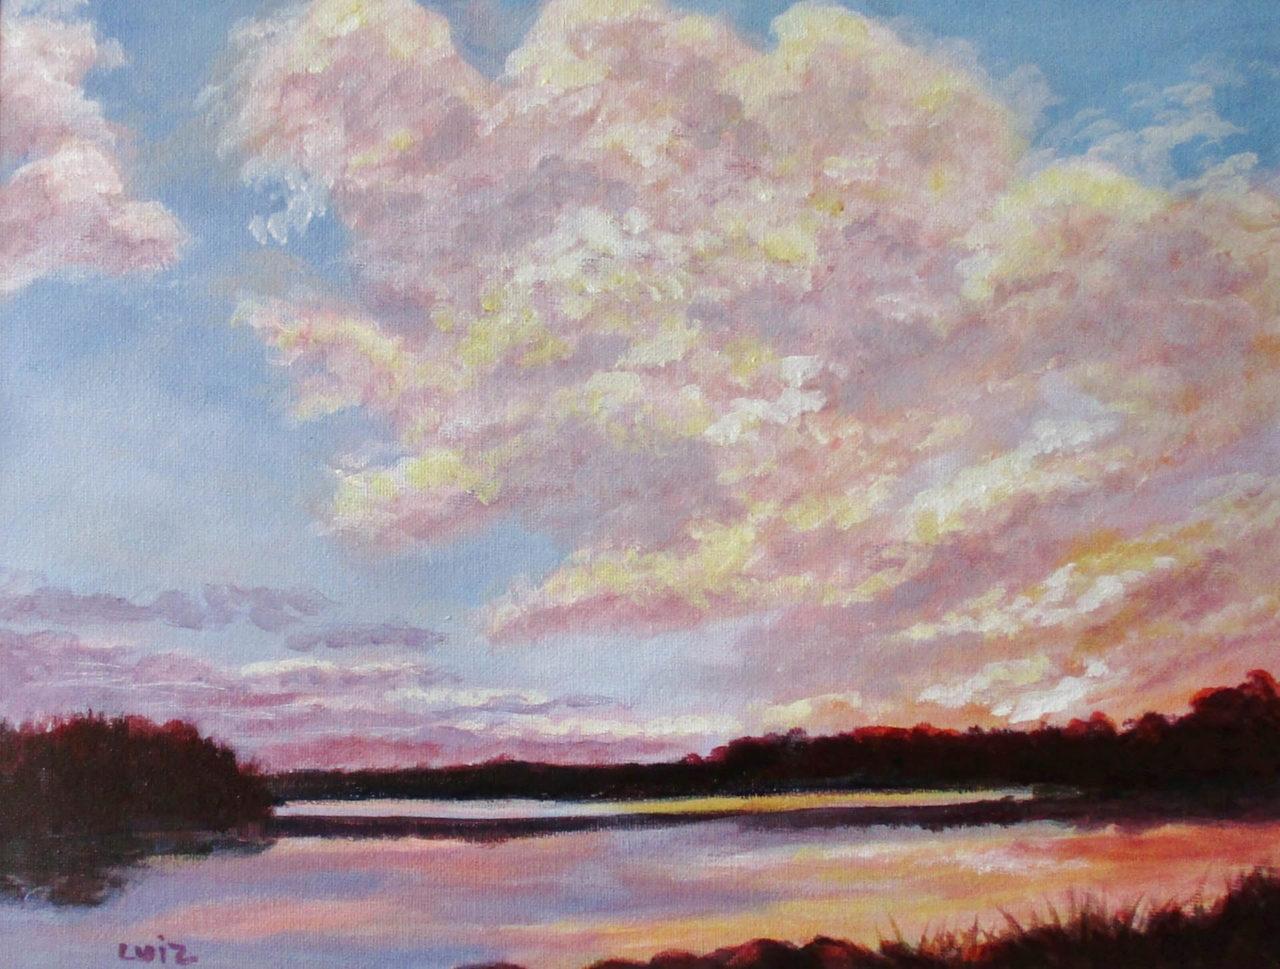 Just About Sunset - Kathleen Luiz